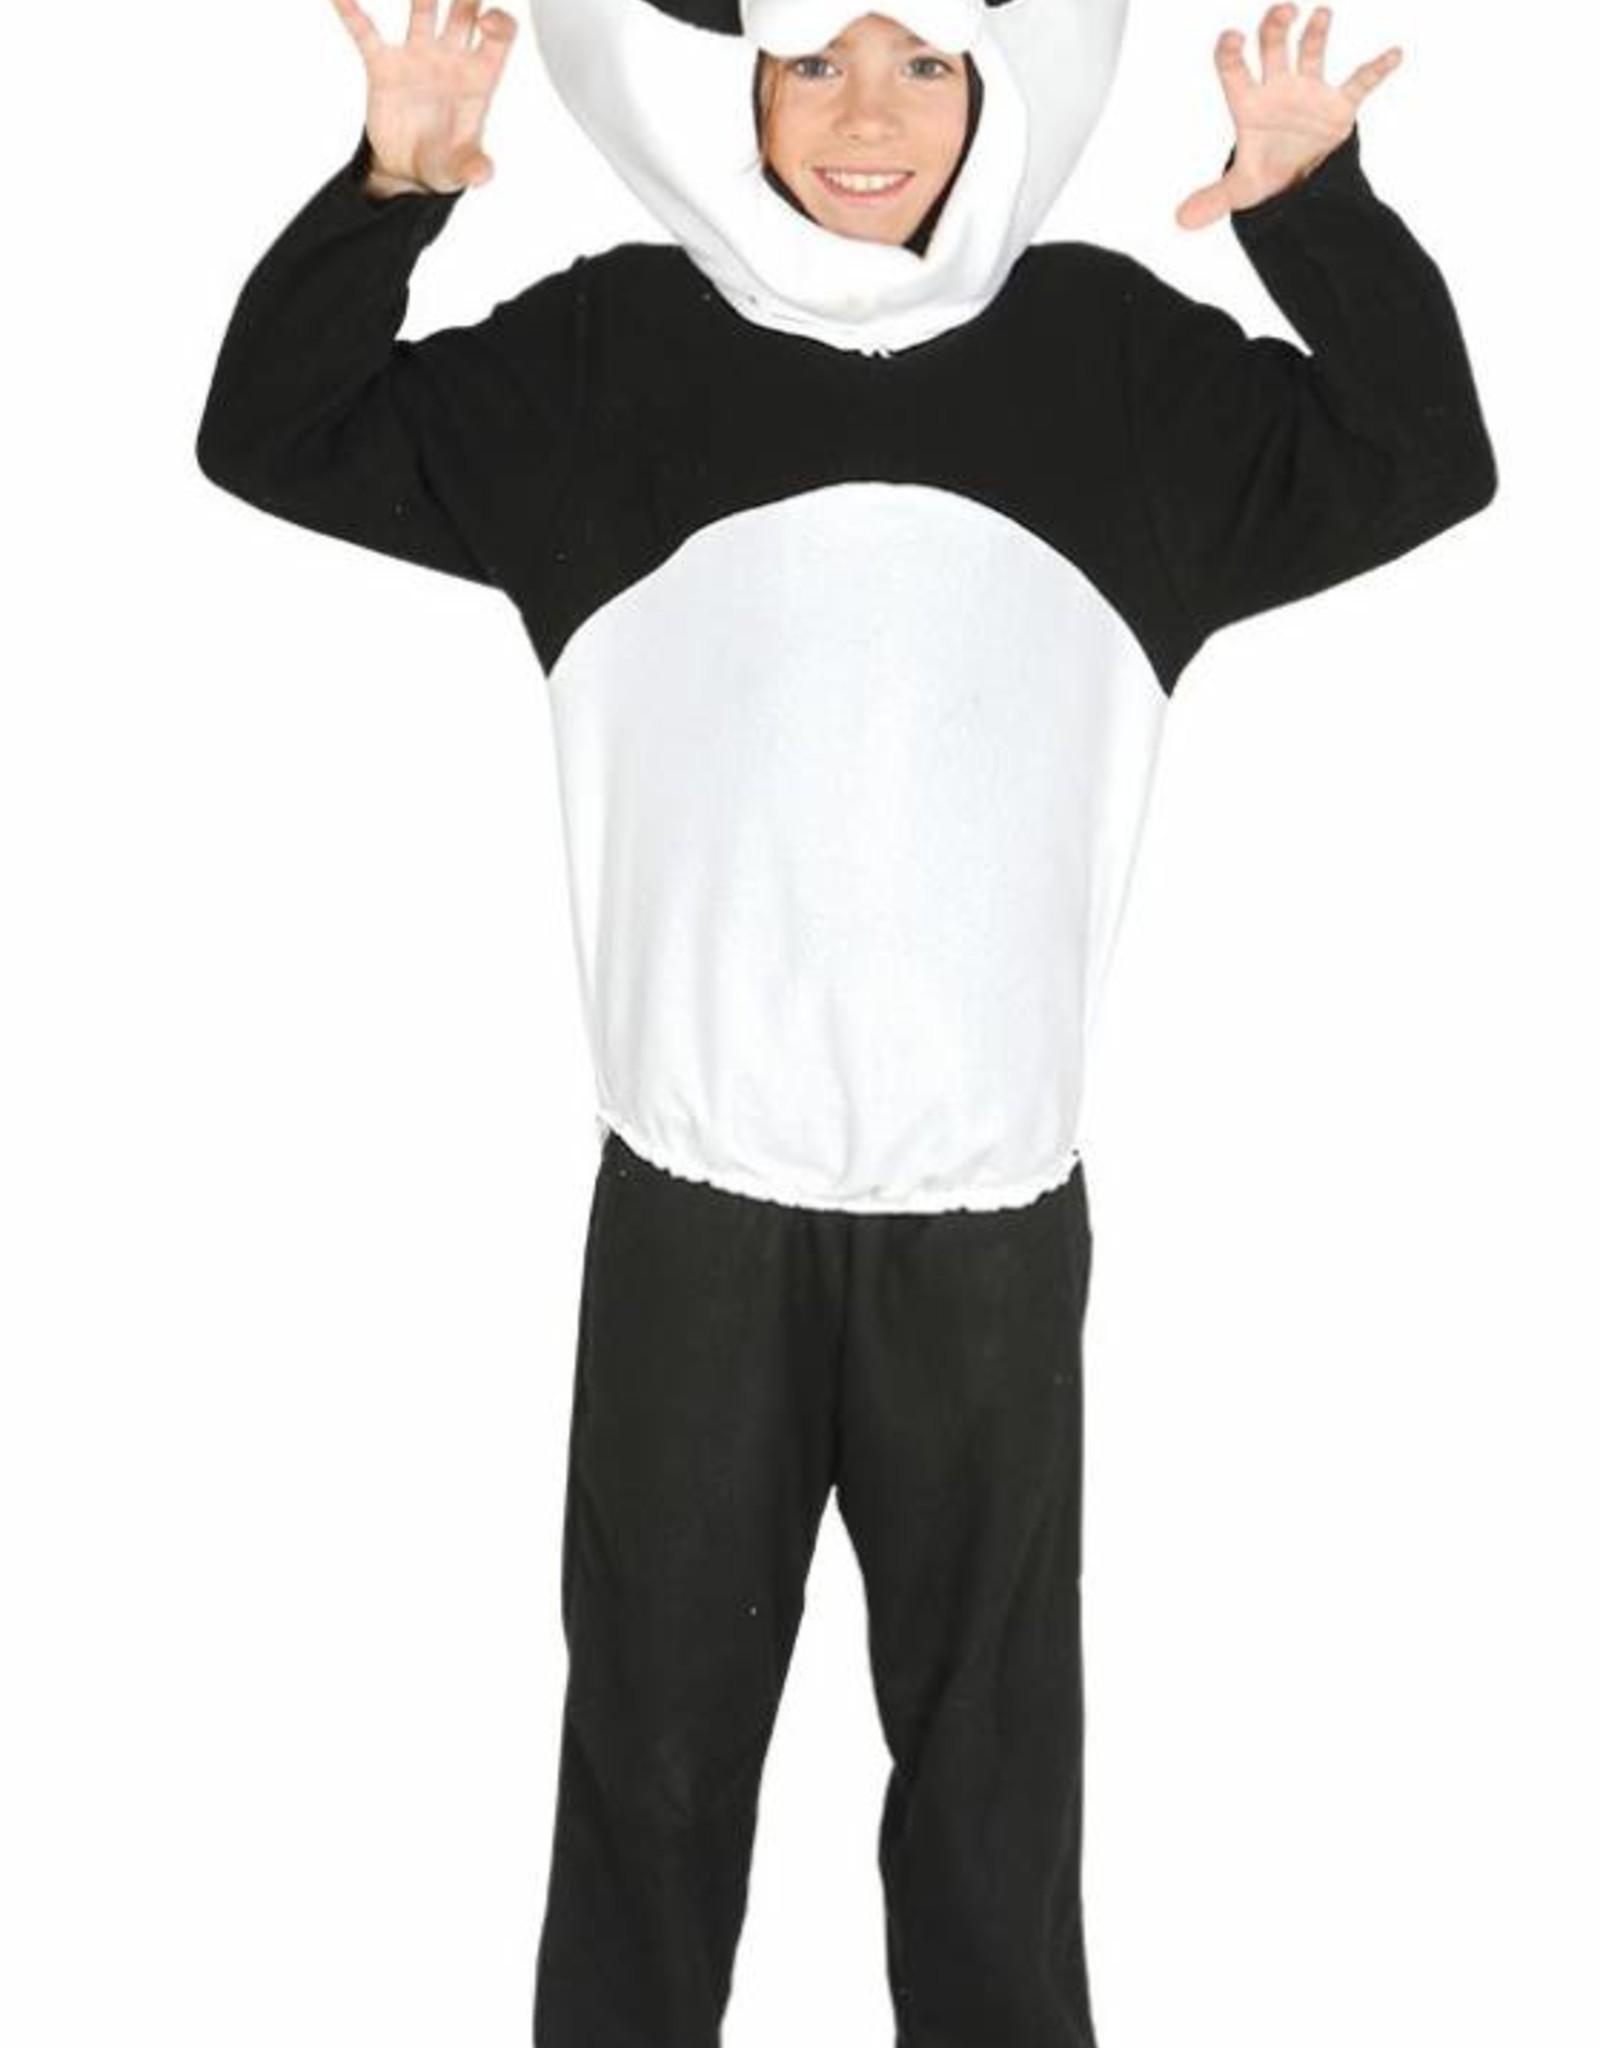 FIESTAS GUIRCA panda 5 tot 6 jaar